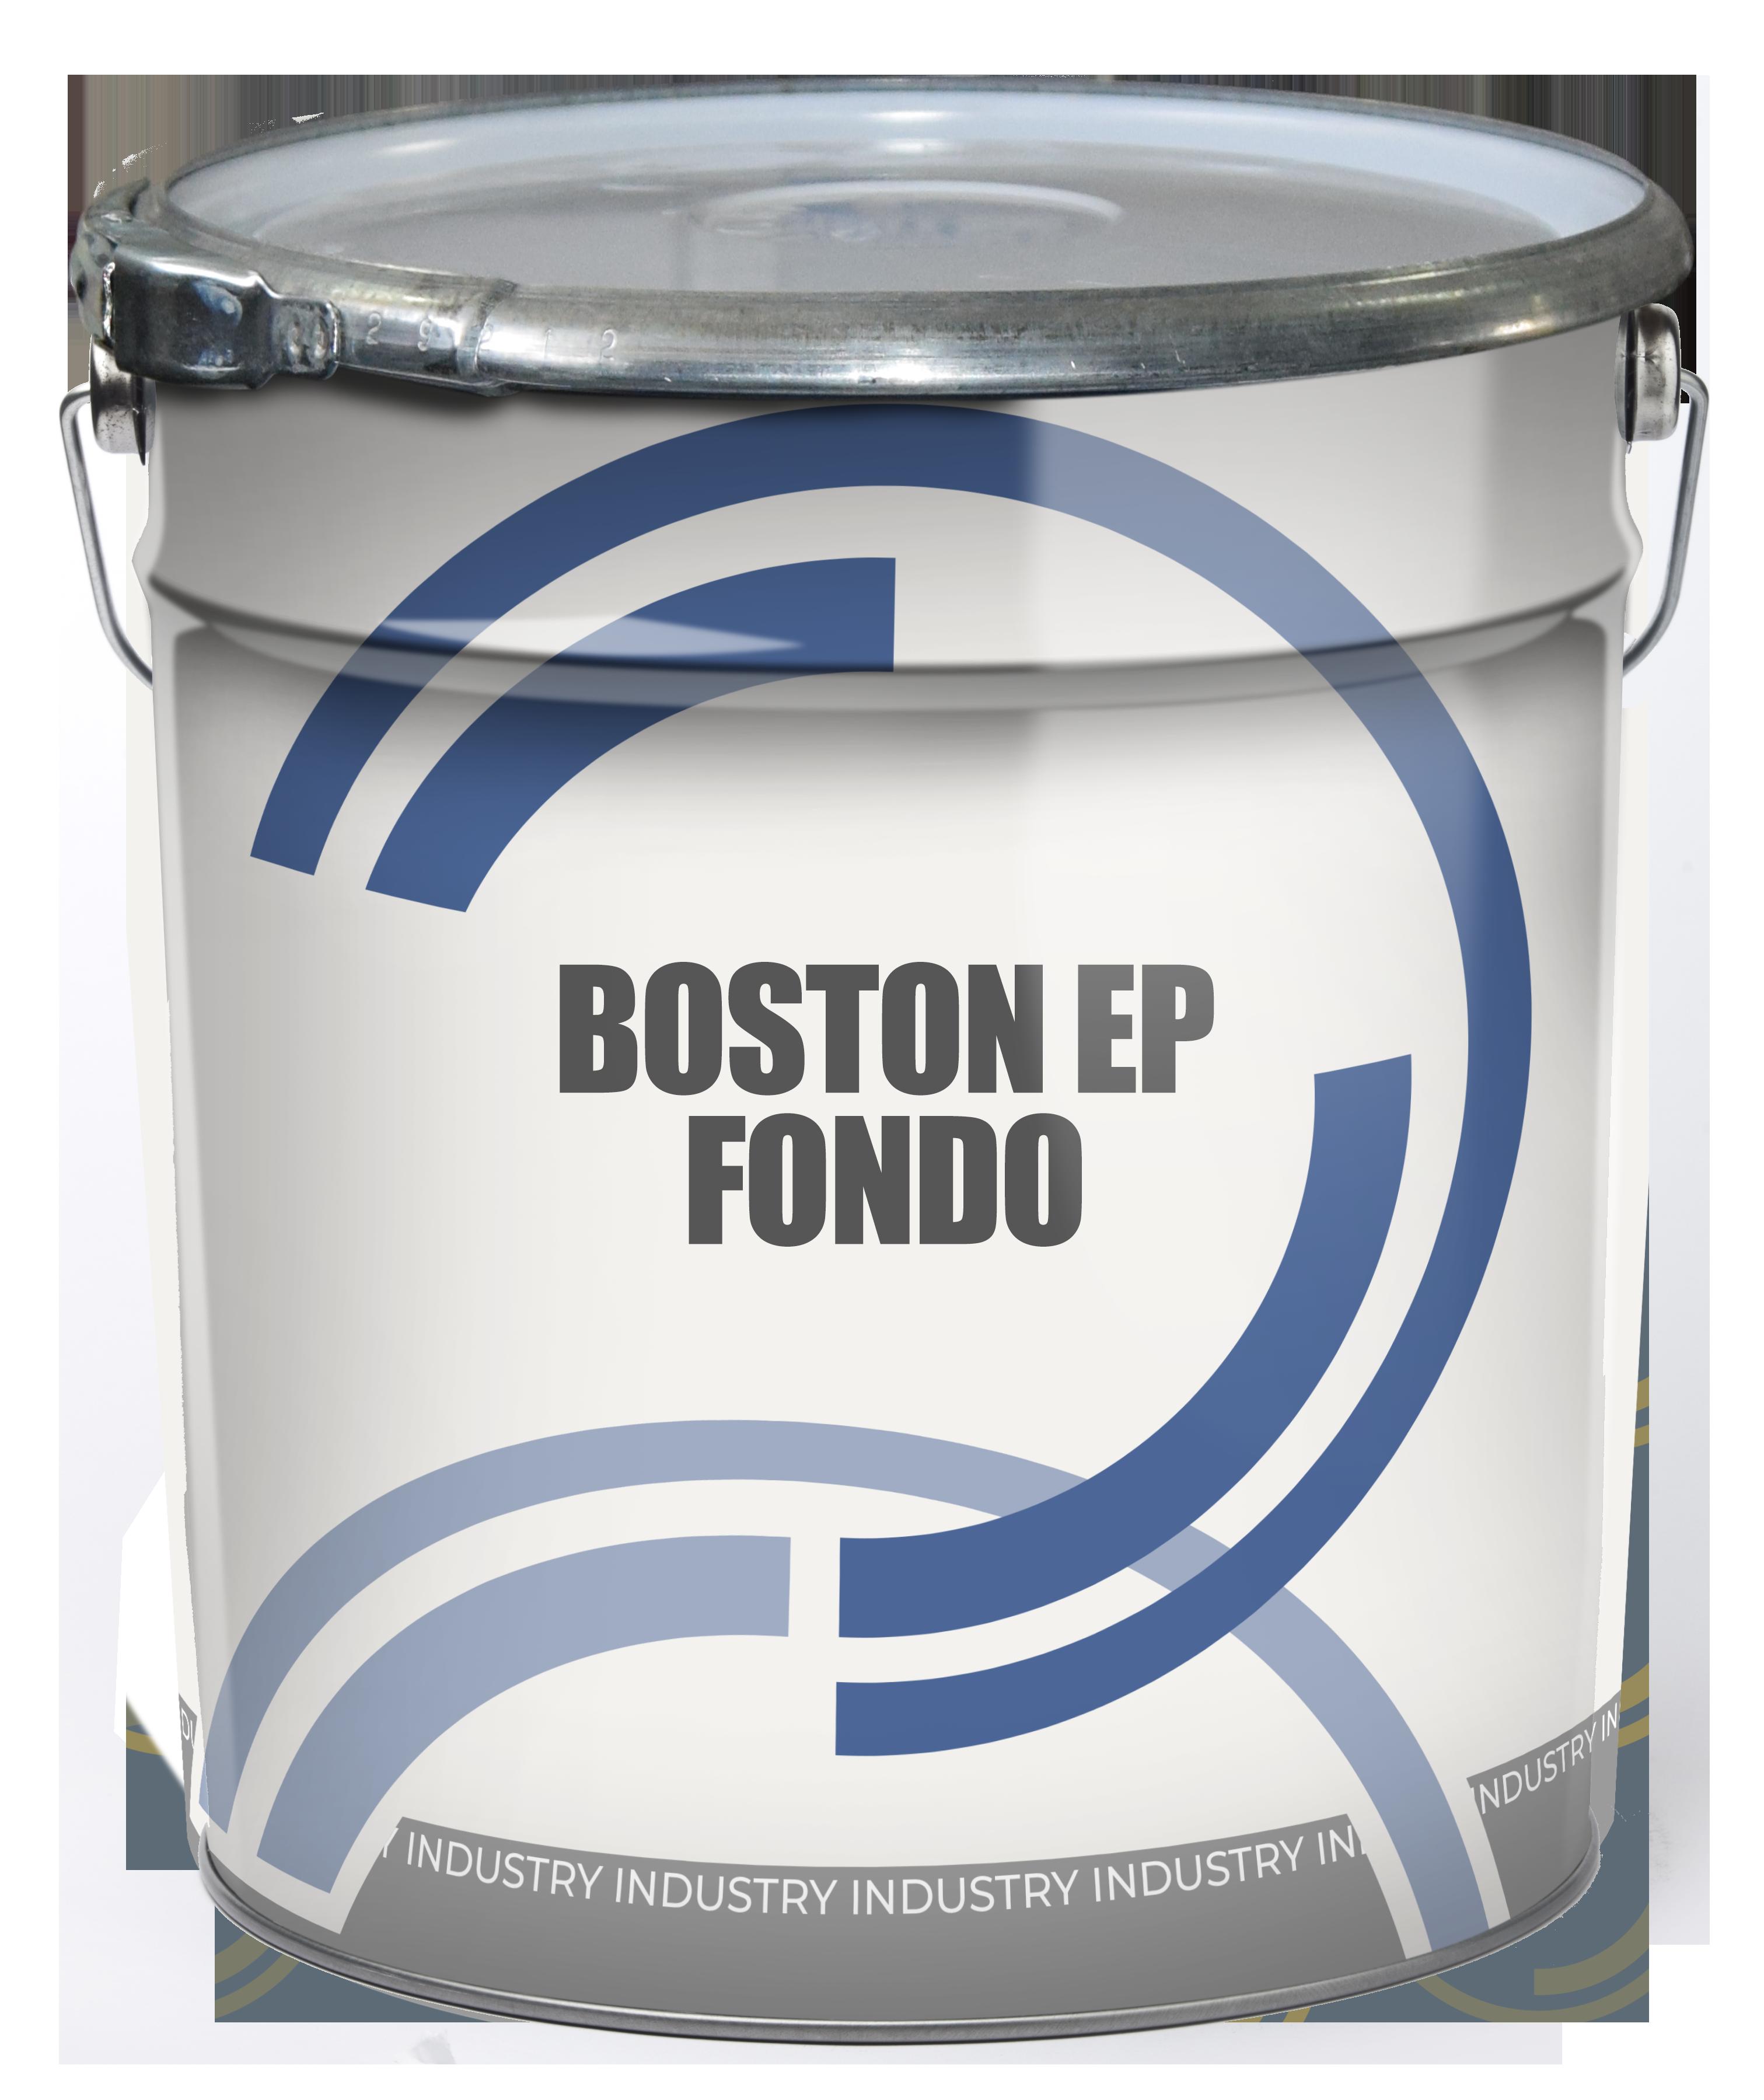 Boston EP Fondo